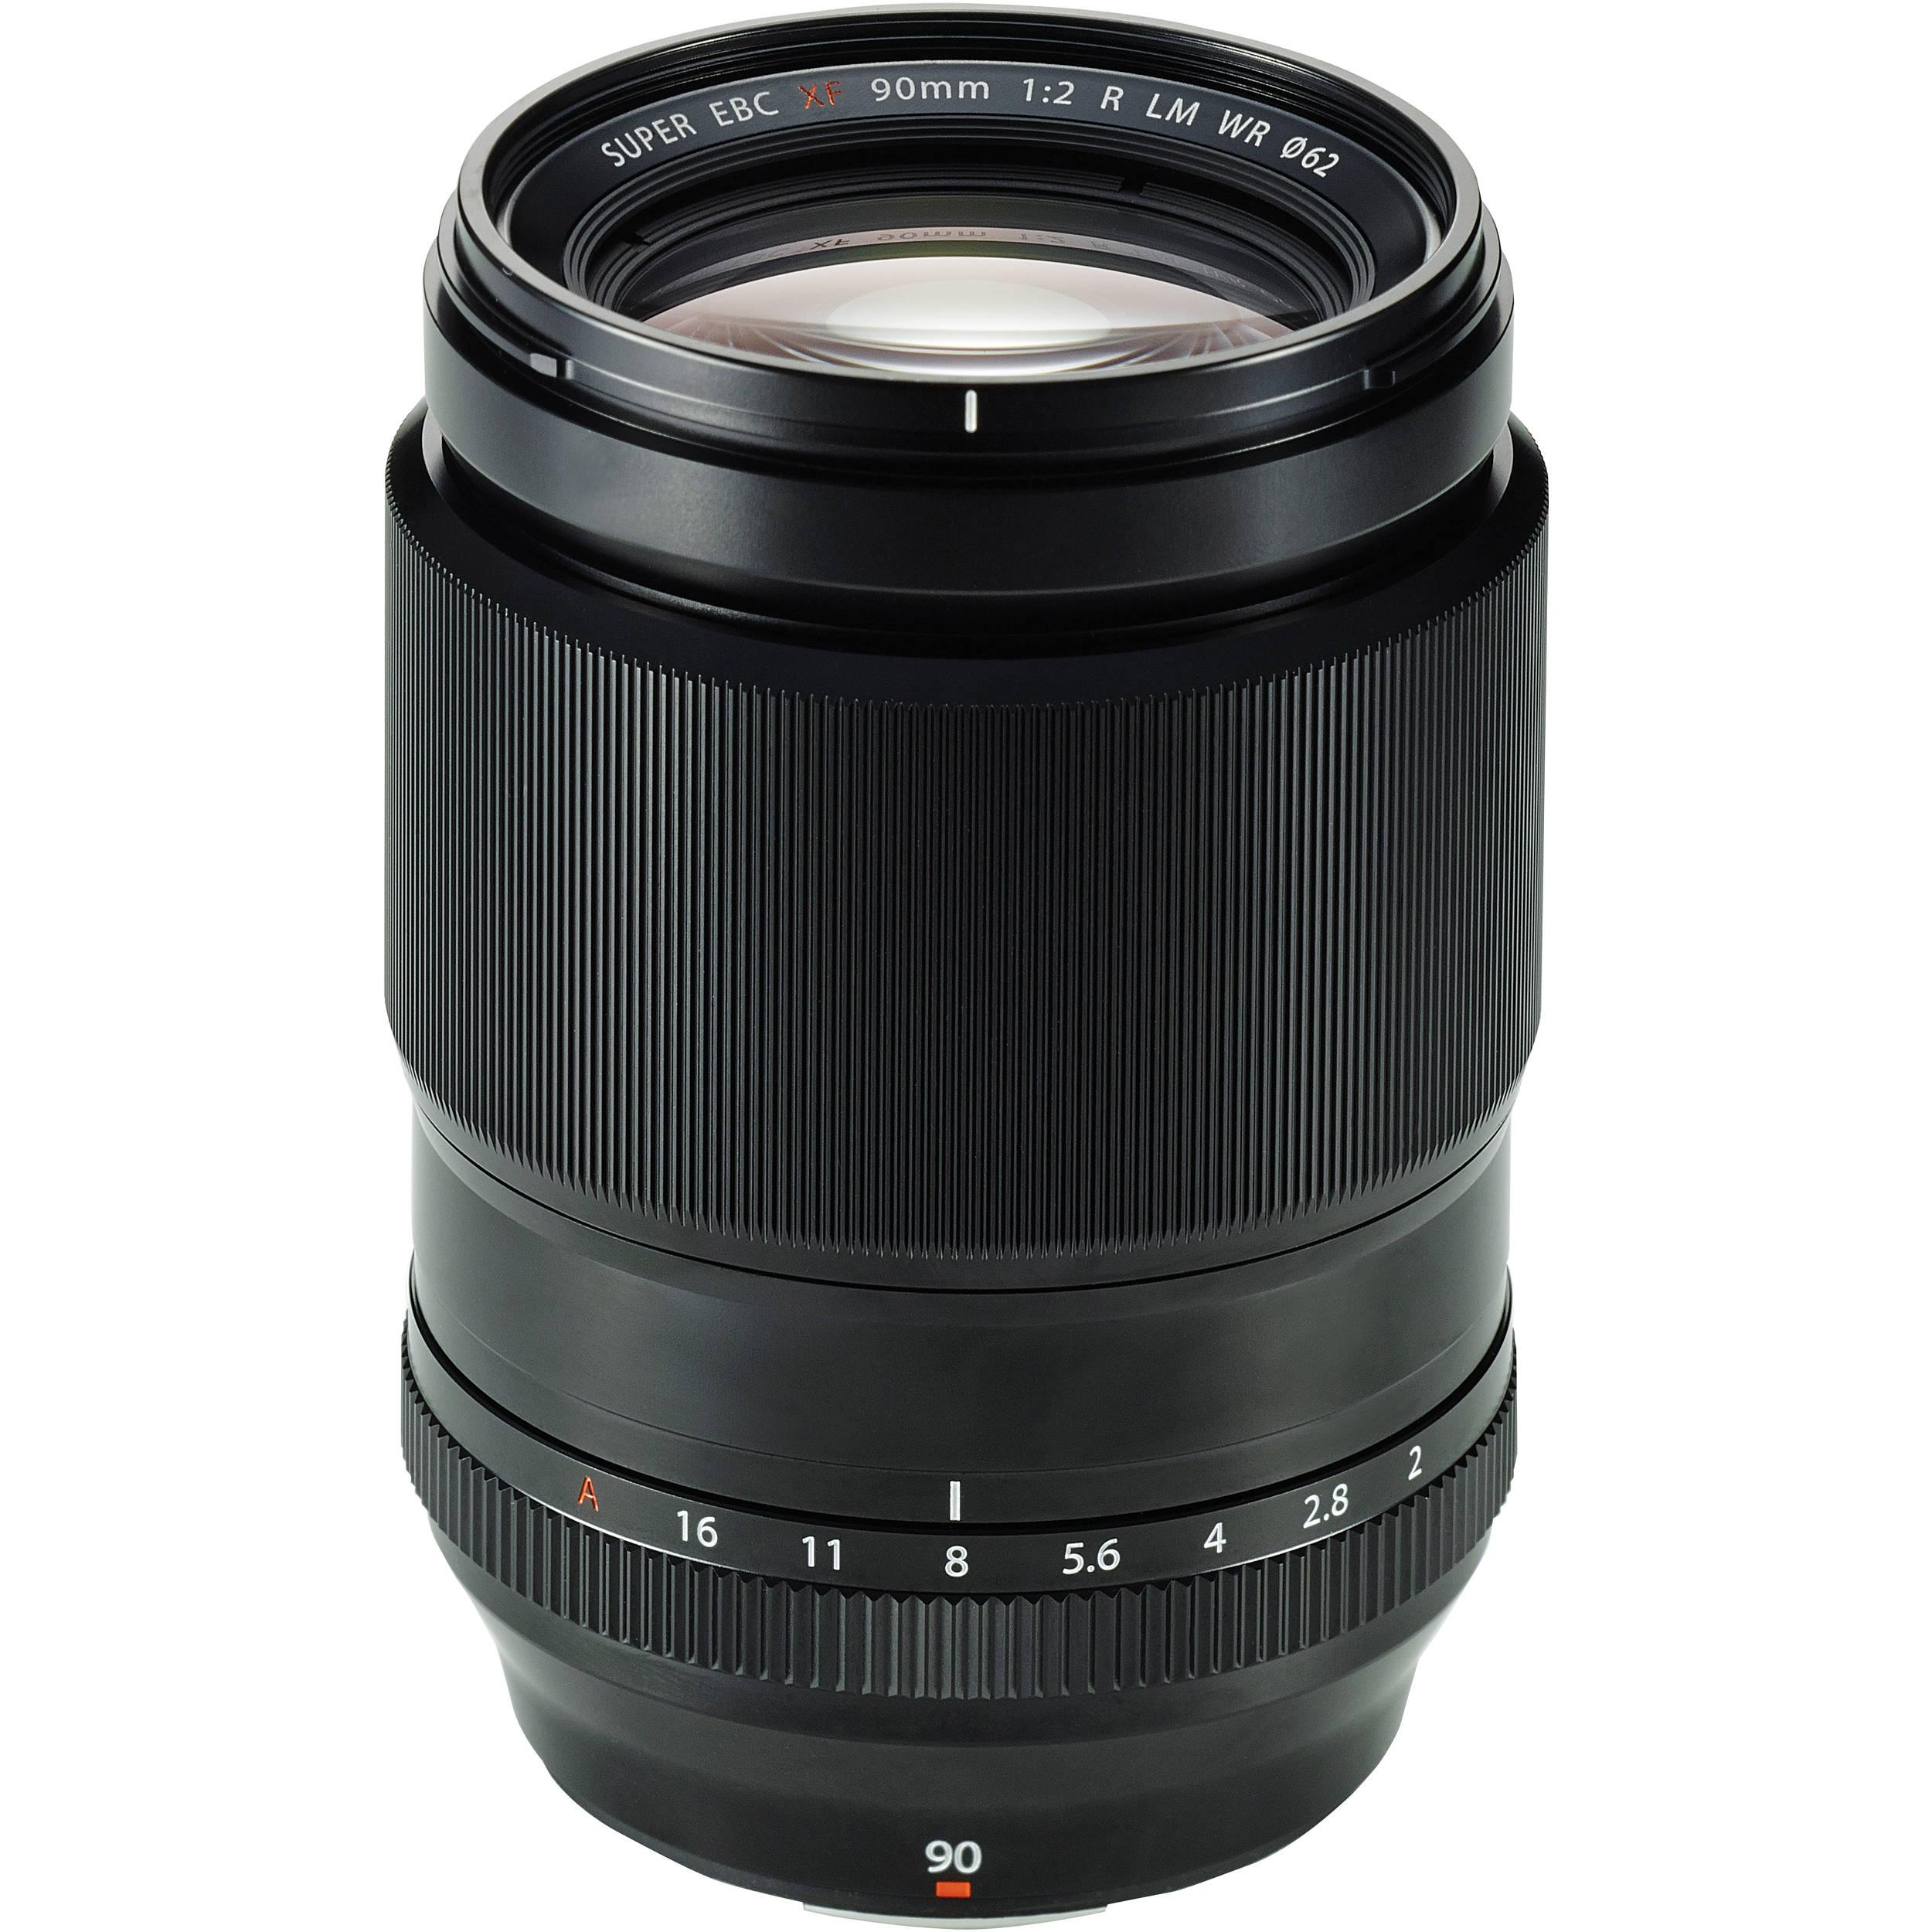 Объектив Fujifilm XF 90mm f/2 R LM WR XF 90mm f/2 R LM WR